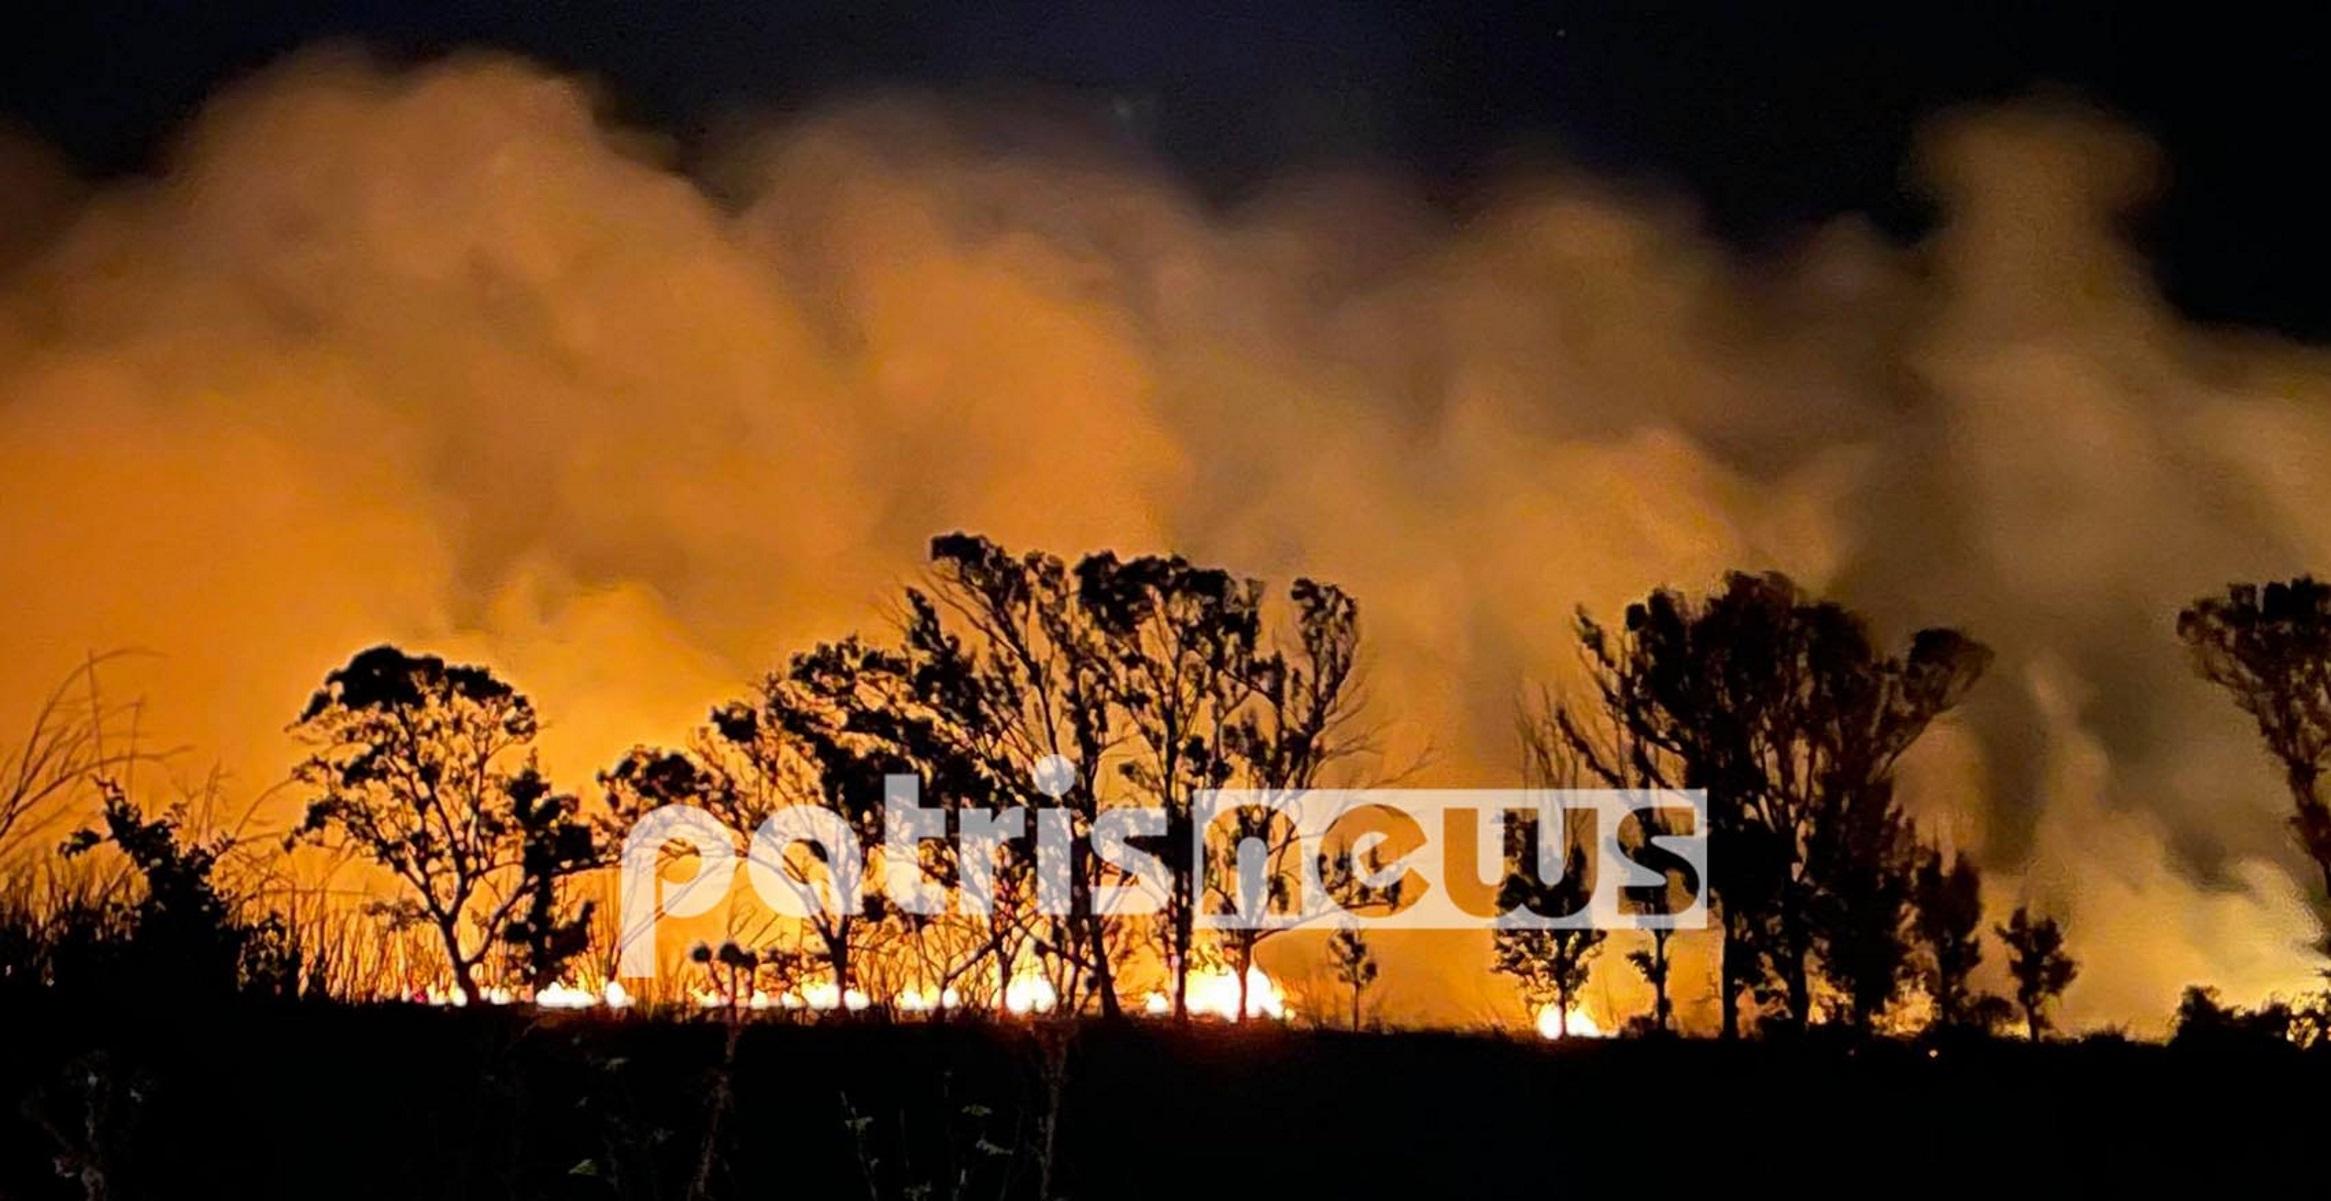 Φωτιά στην Ηλεία: Φλόγες τύλιξαν έκταση με θάμνους και καλαμιές στη Μούτελη